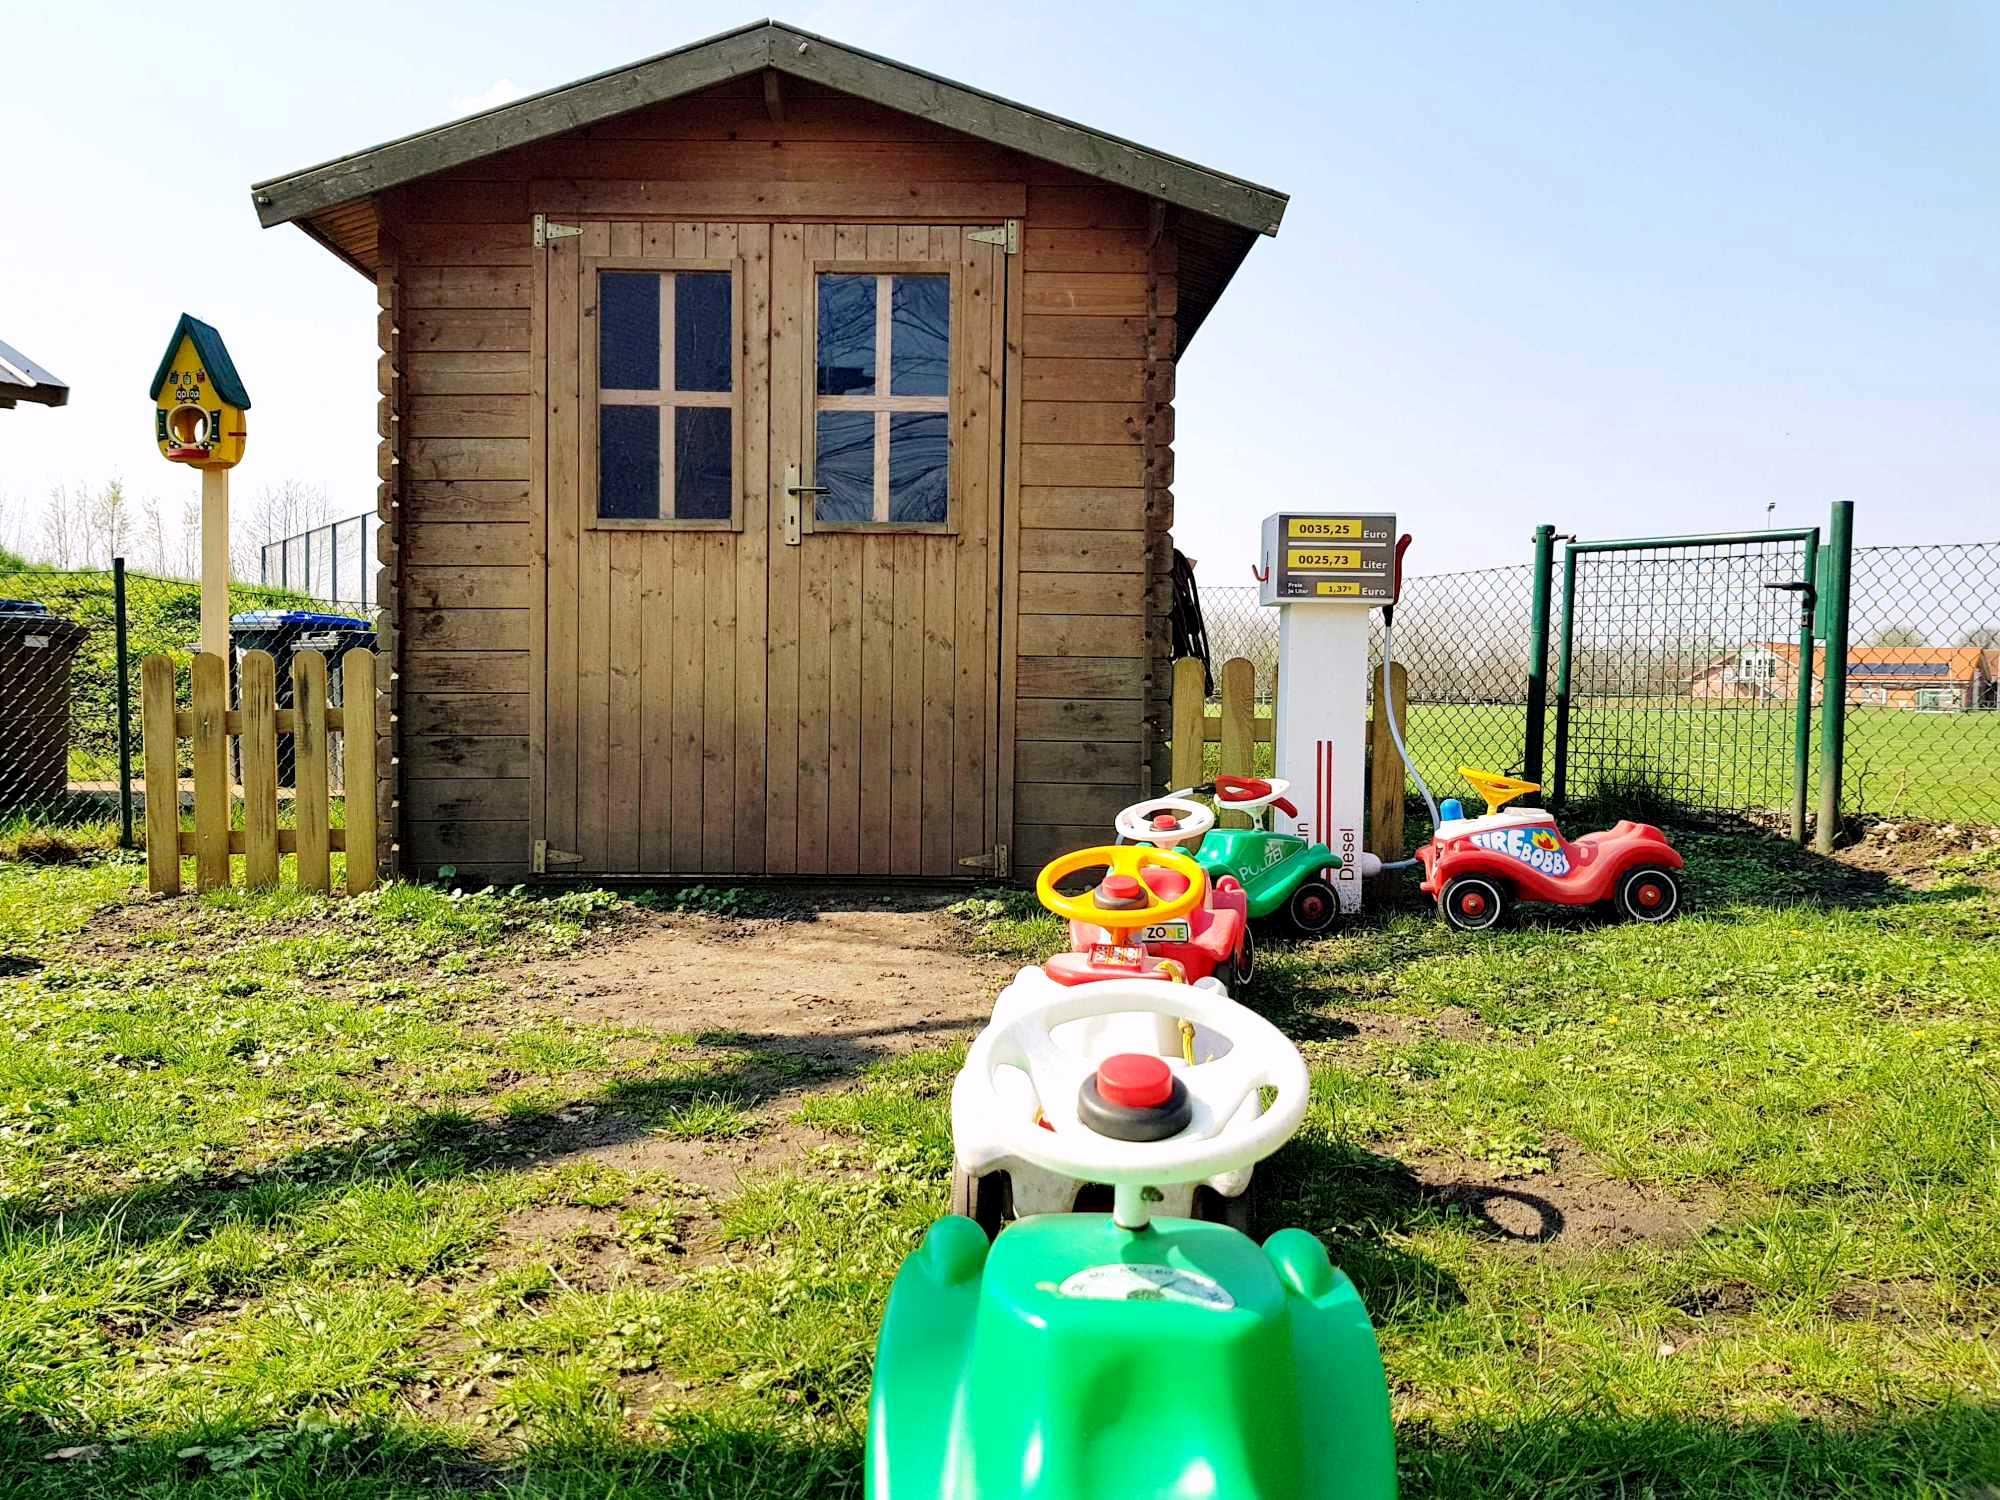 Kita Kid Zone Kinderbetreuung Garten 1 3 - Outdoor-Spielzeug